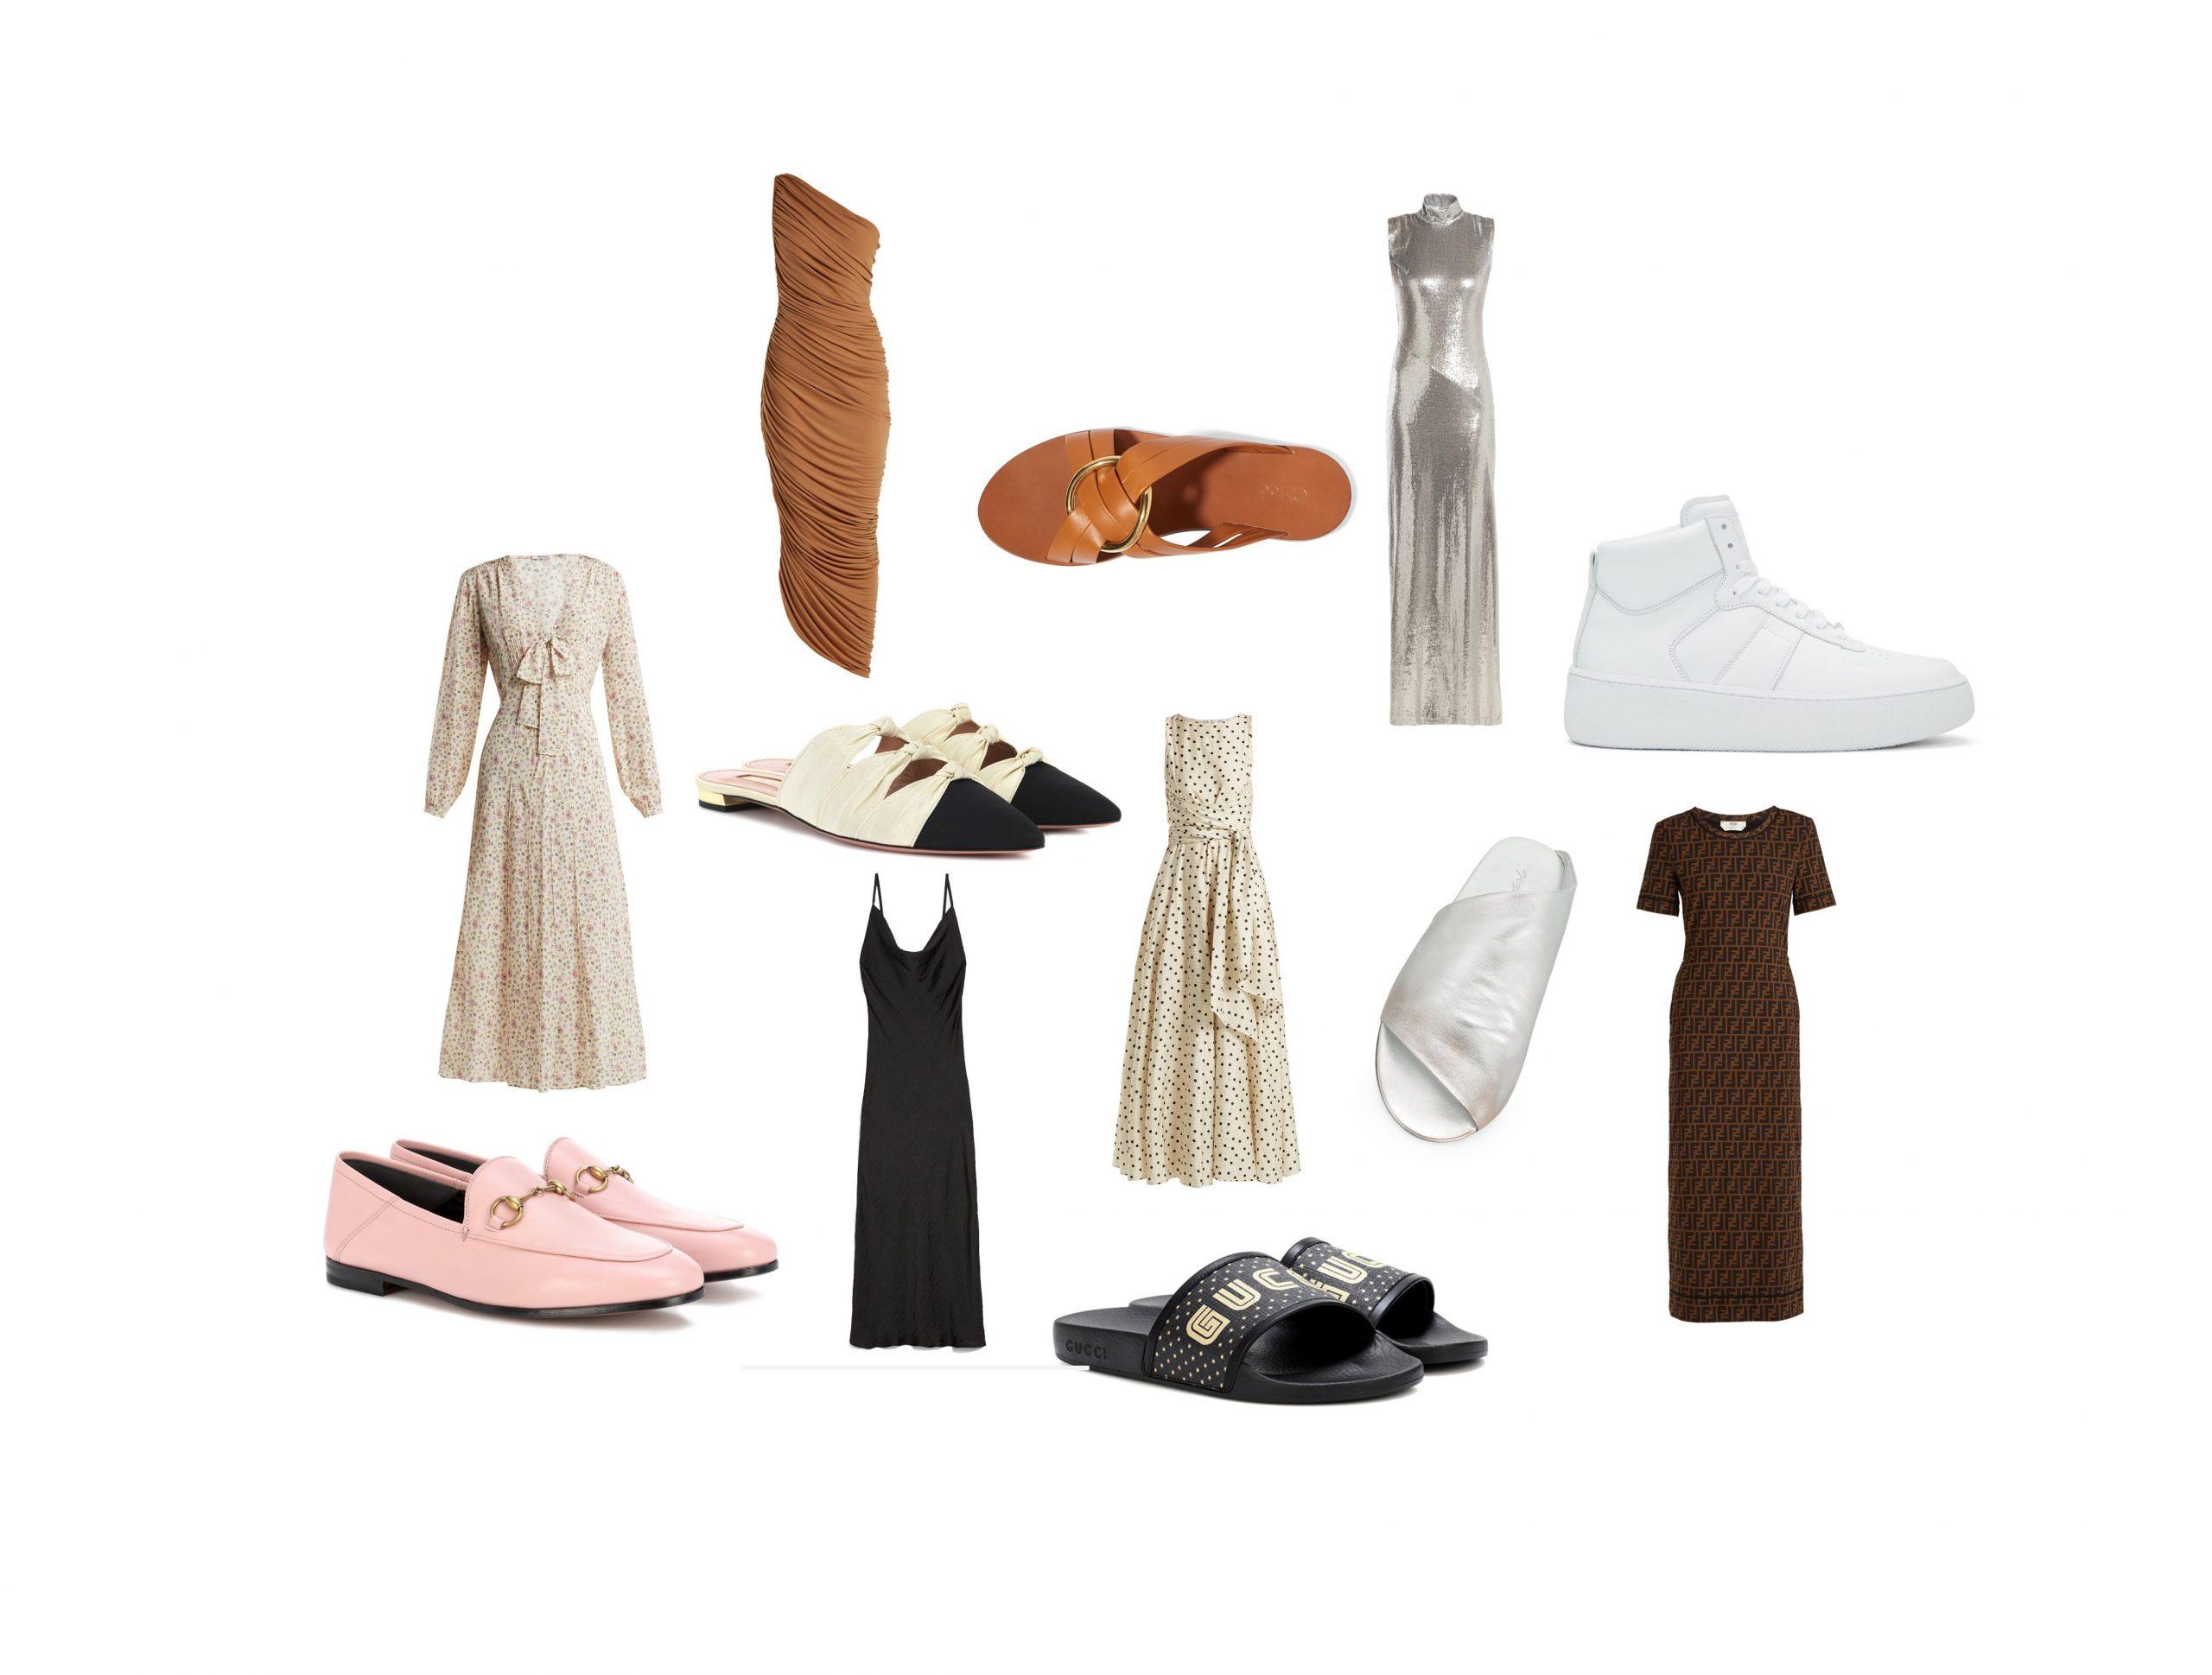 10 Ausgezeichnet Flache Schuhe Abendkleid SpezialgebietDesigner Großartig Flache Schuhe Abendkleid Galerie